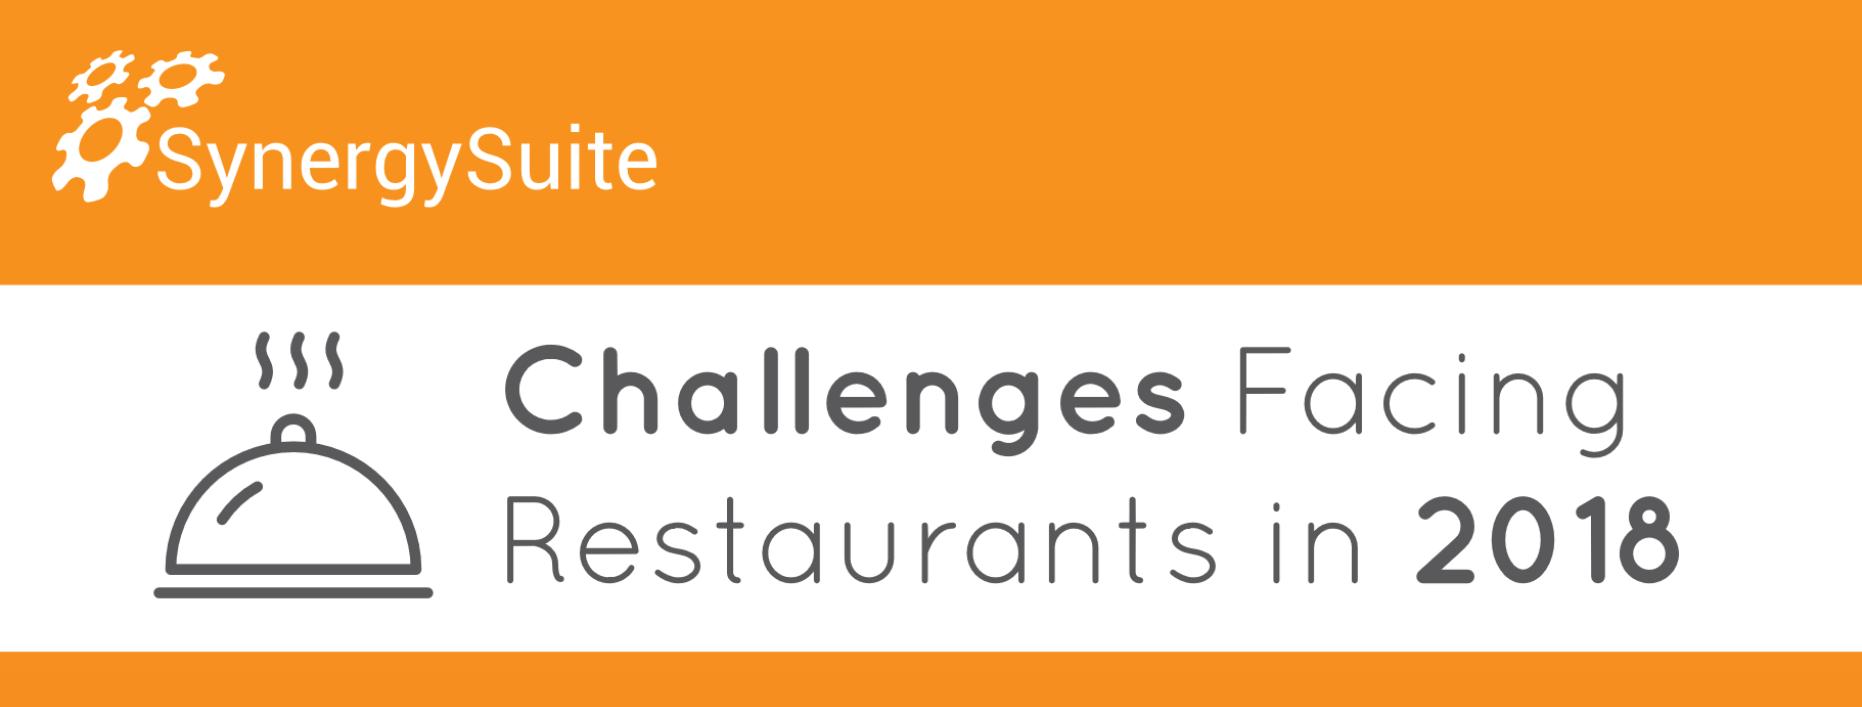 Challenges Facing Restaurants in 2018 Infographic header image